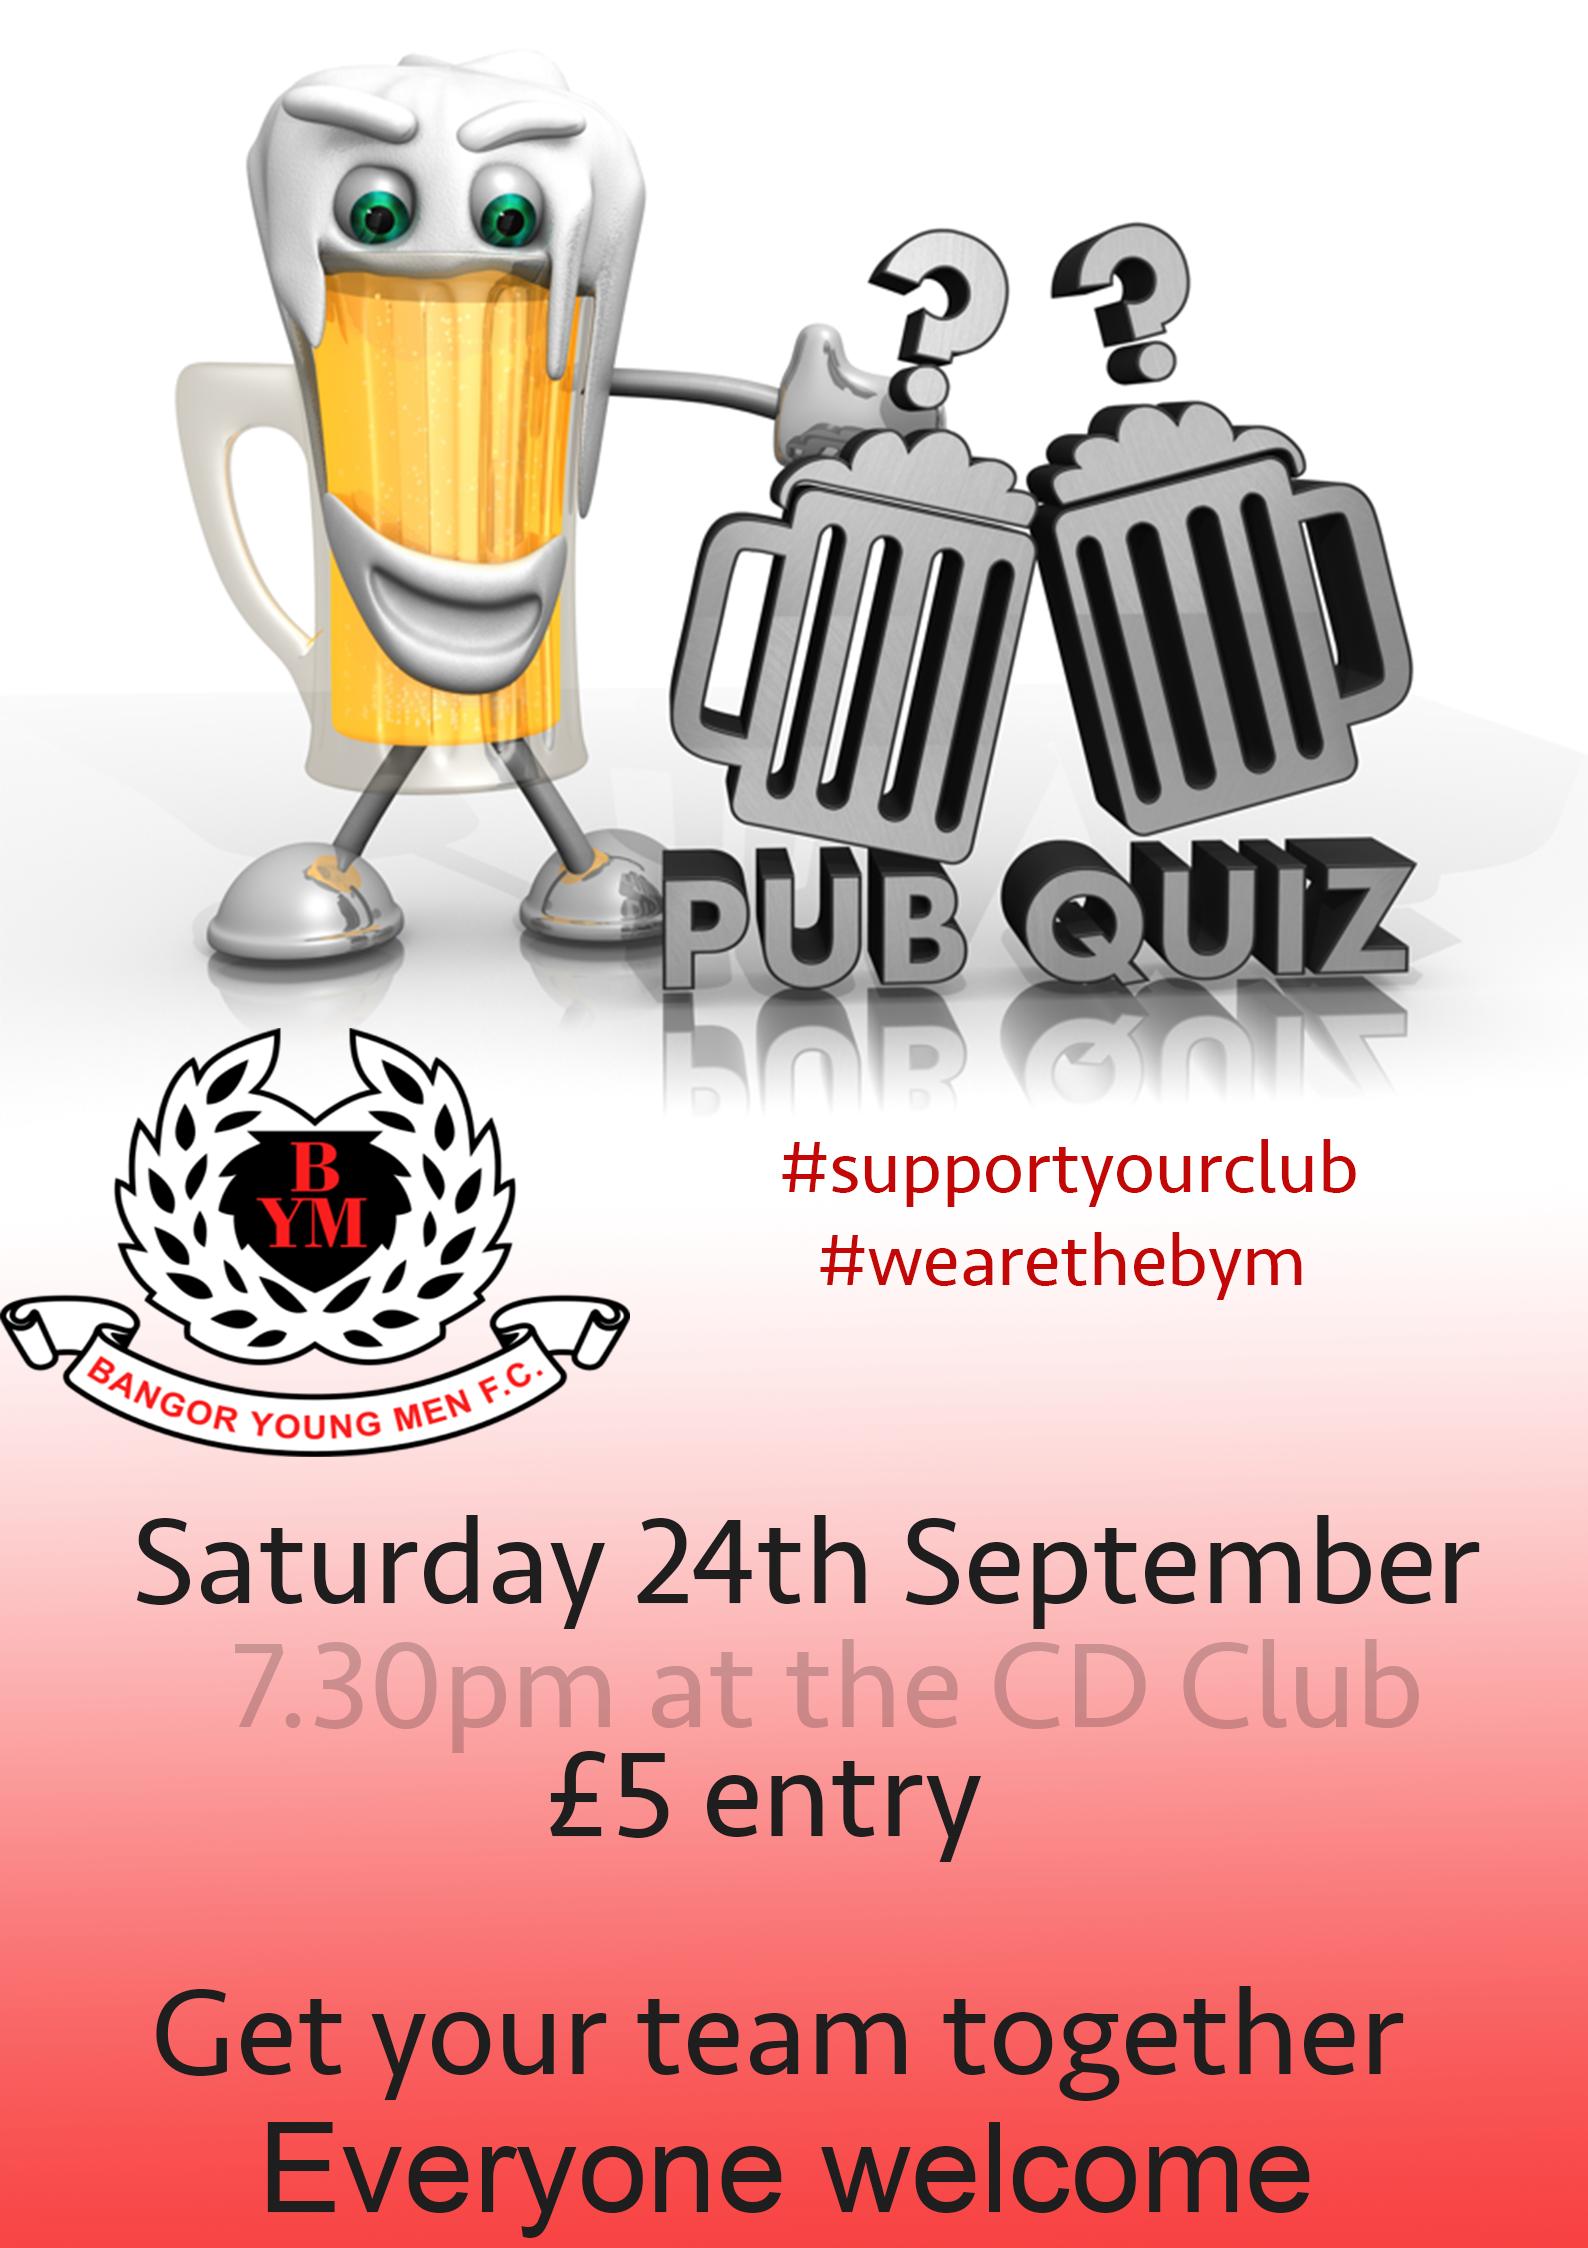 Pub Quiz 2016 - Bangor Young Men Football Club